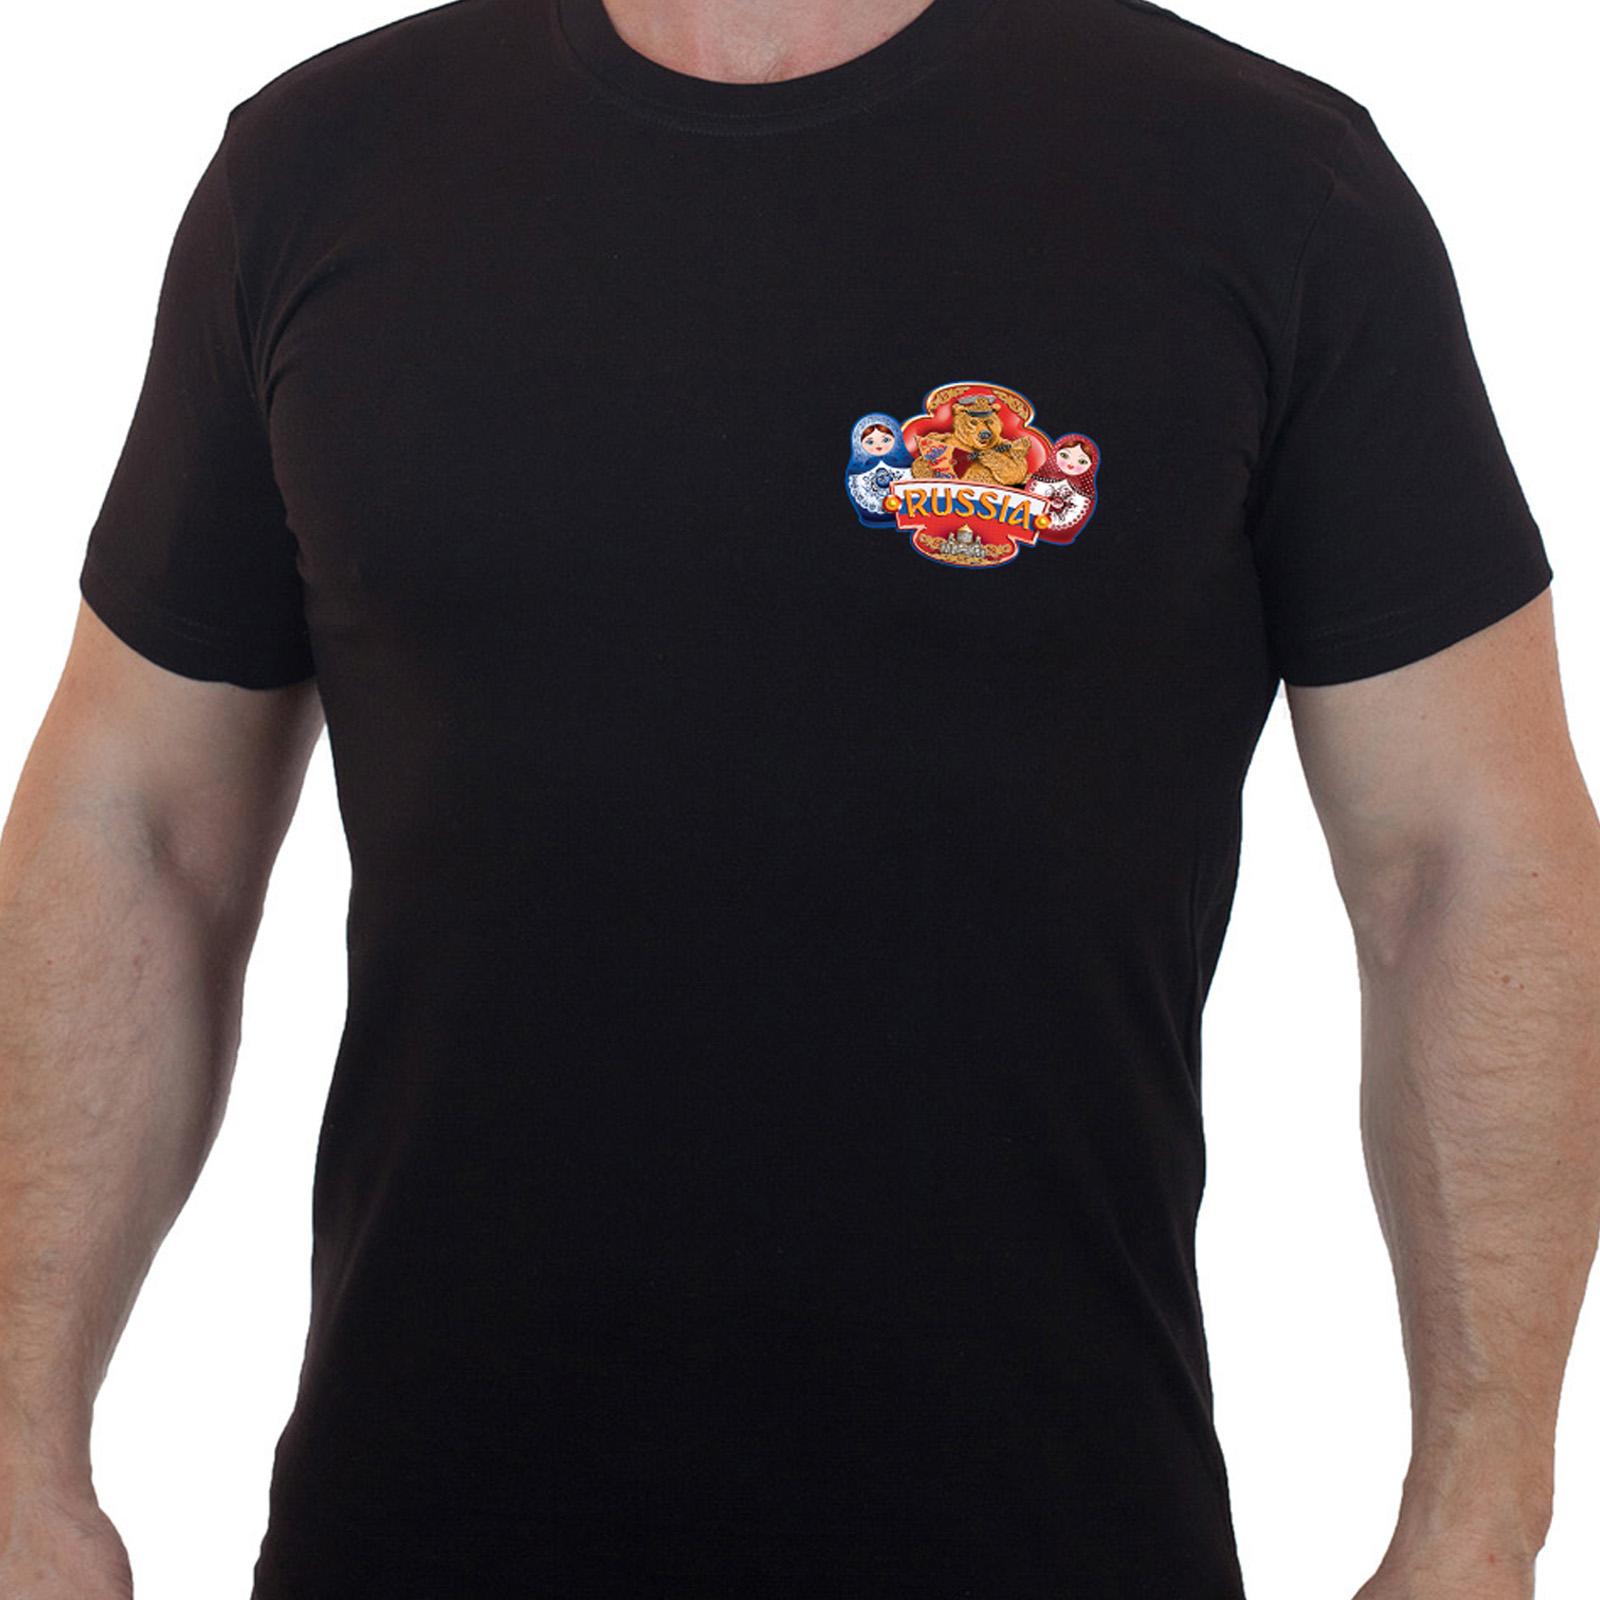 Купить футболку мужскую черного цвета